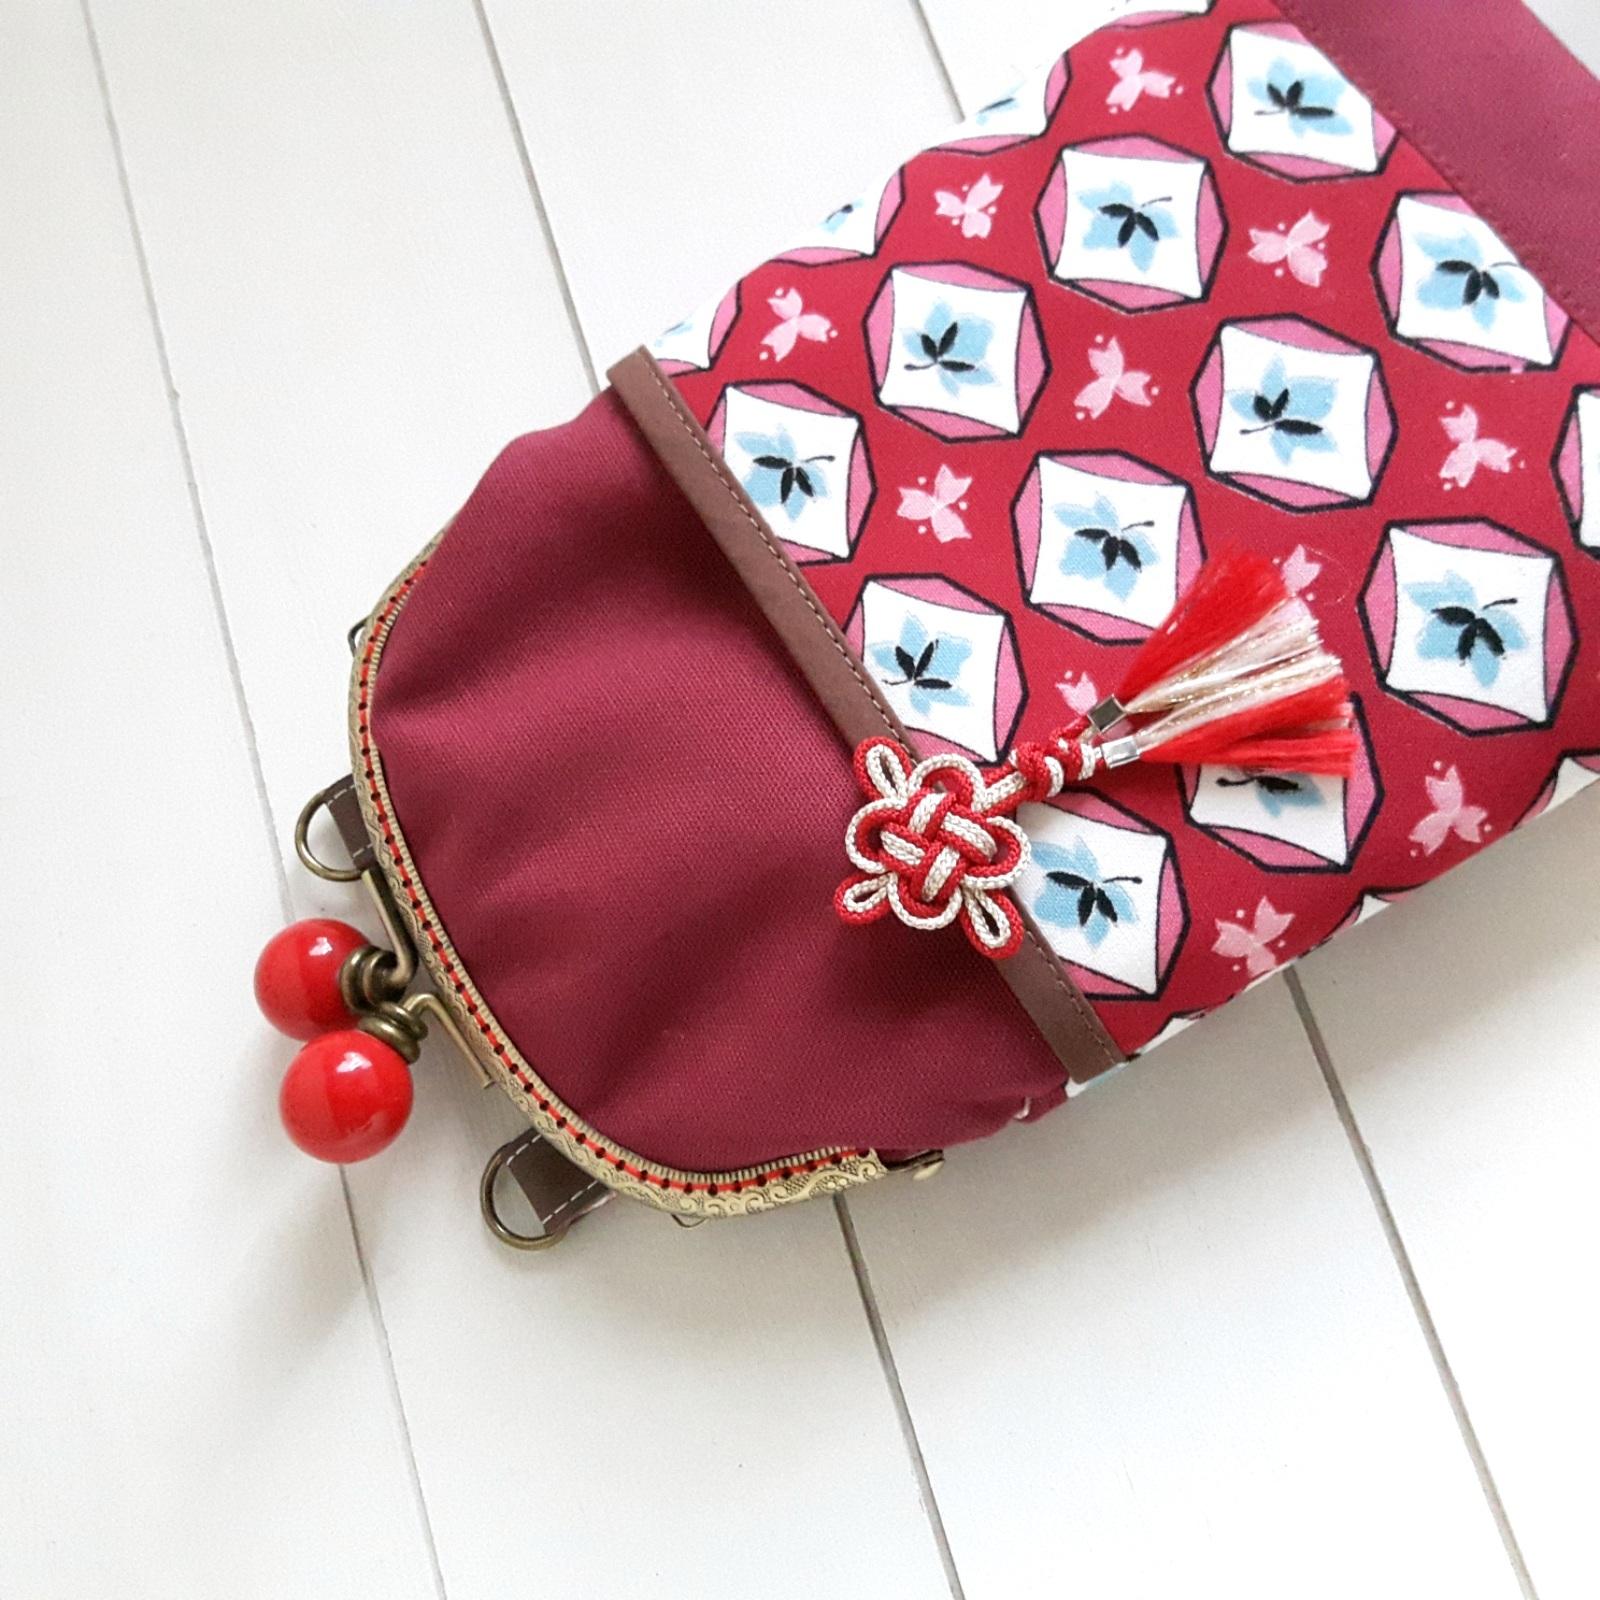 がま口 スマホポシェット(赤×ピンク小花)